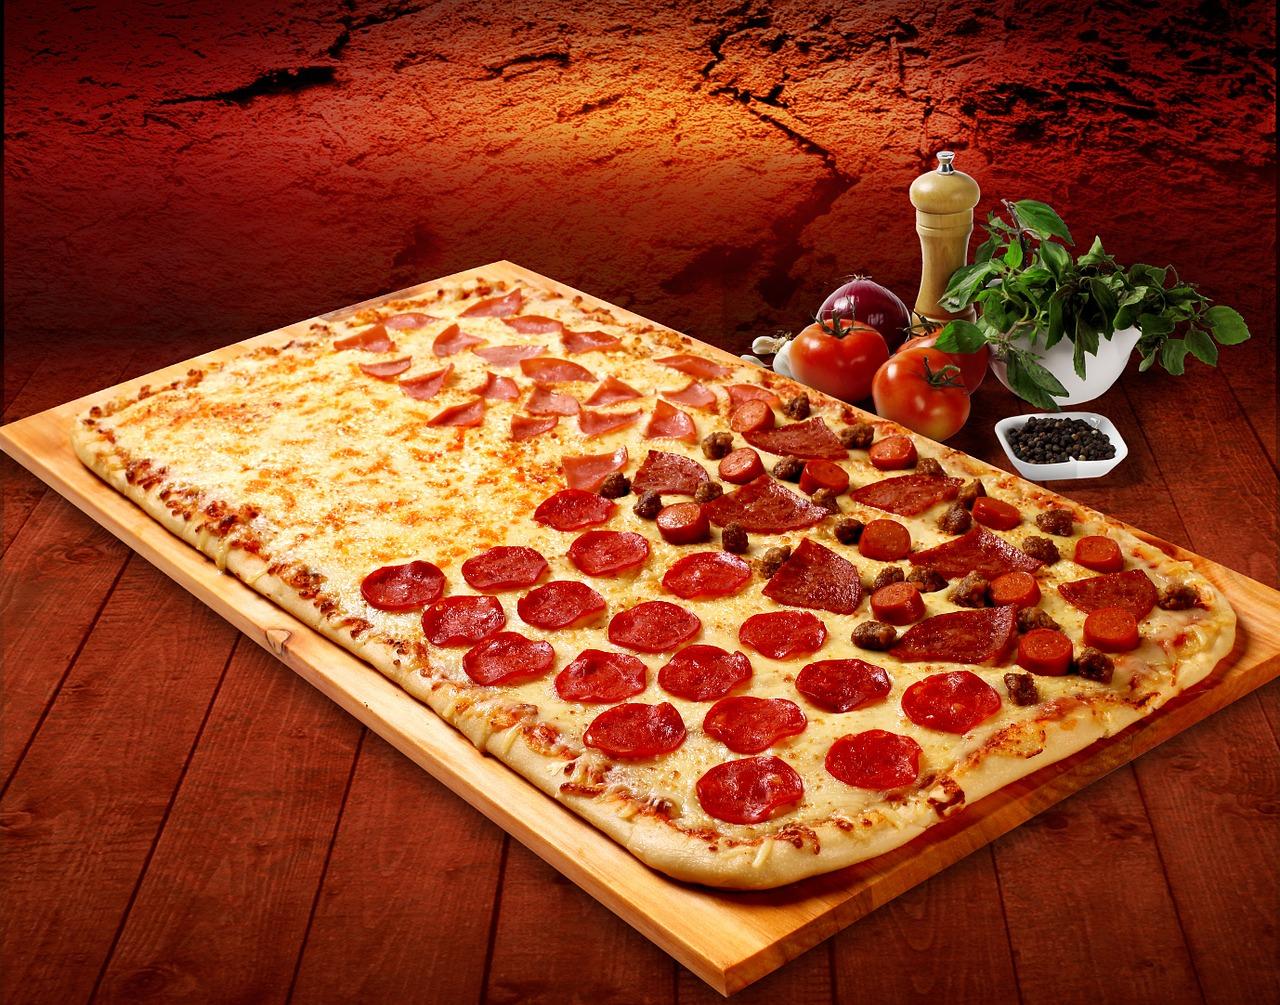 Как сделать пиццу дома из готовых коржей